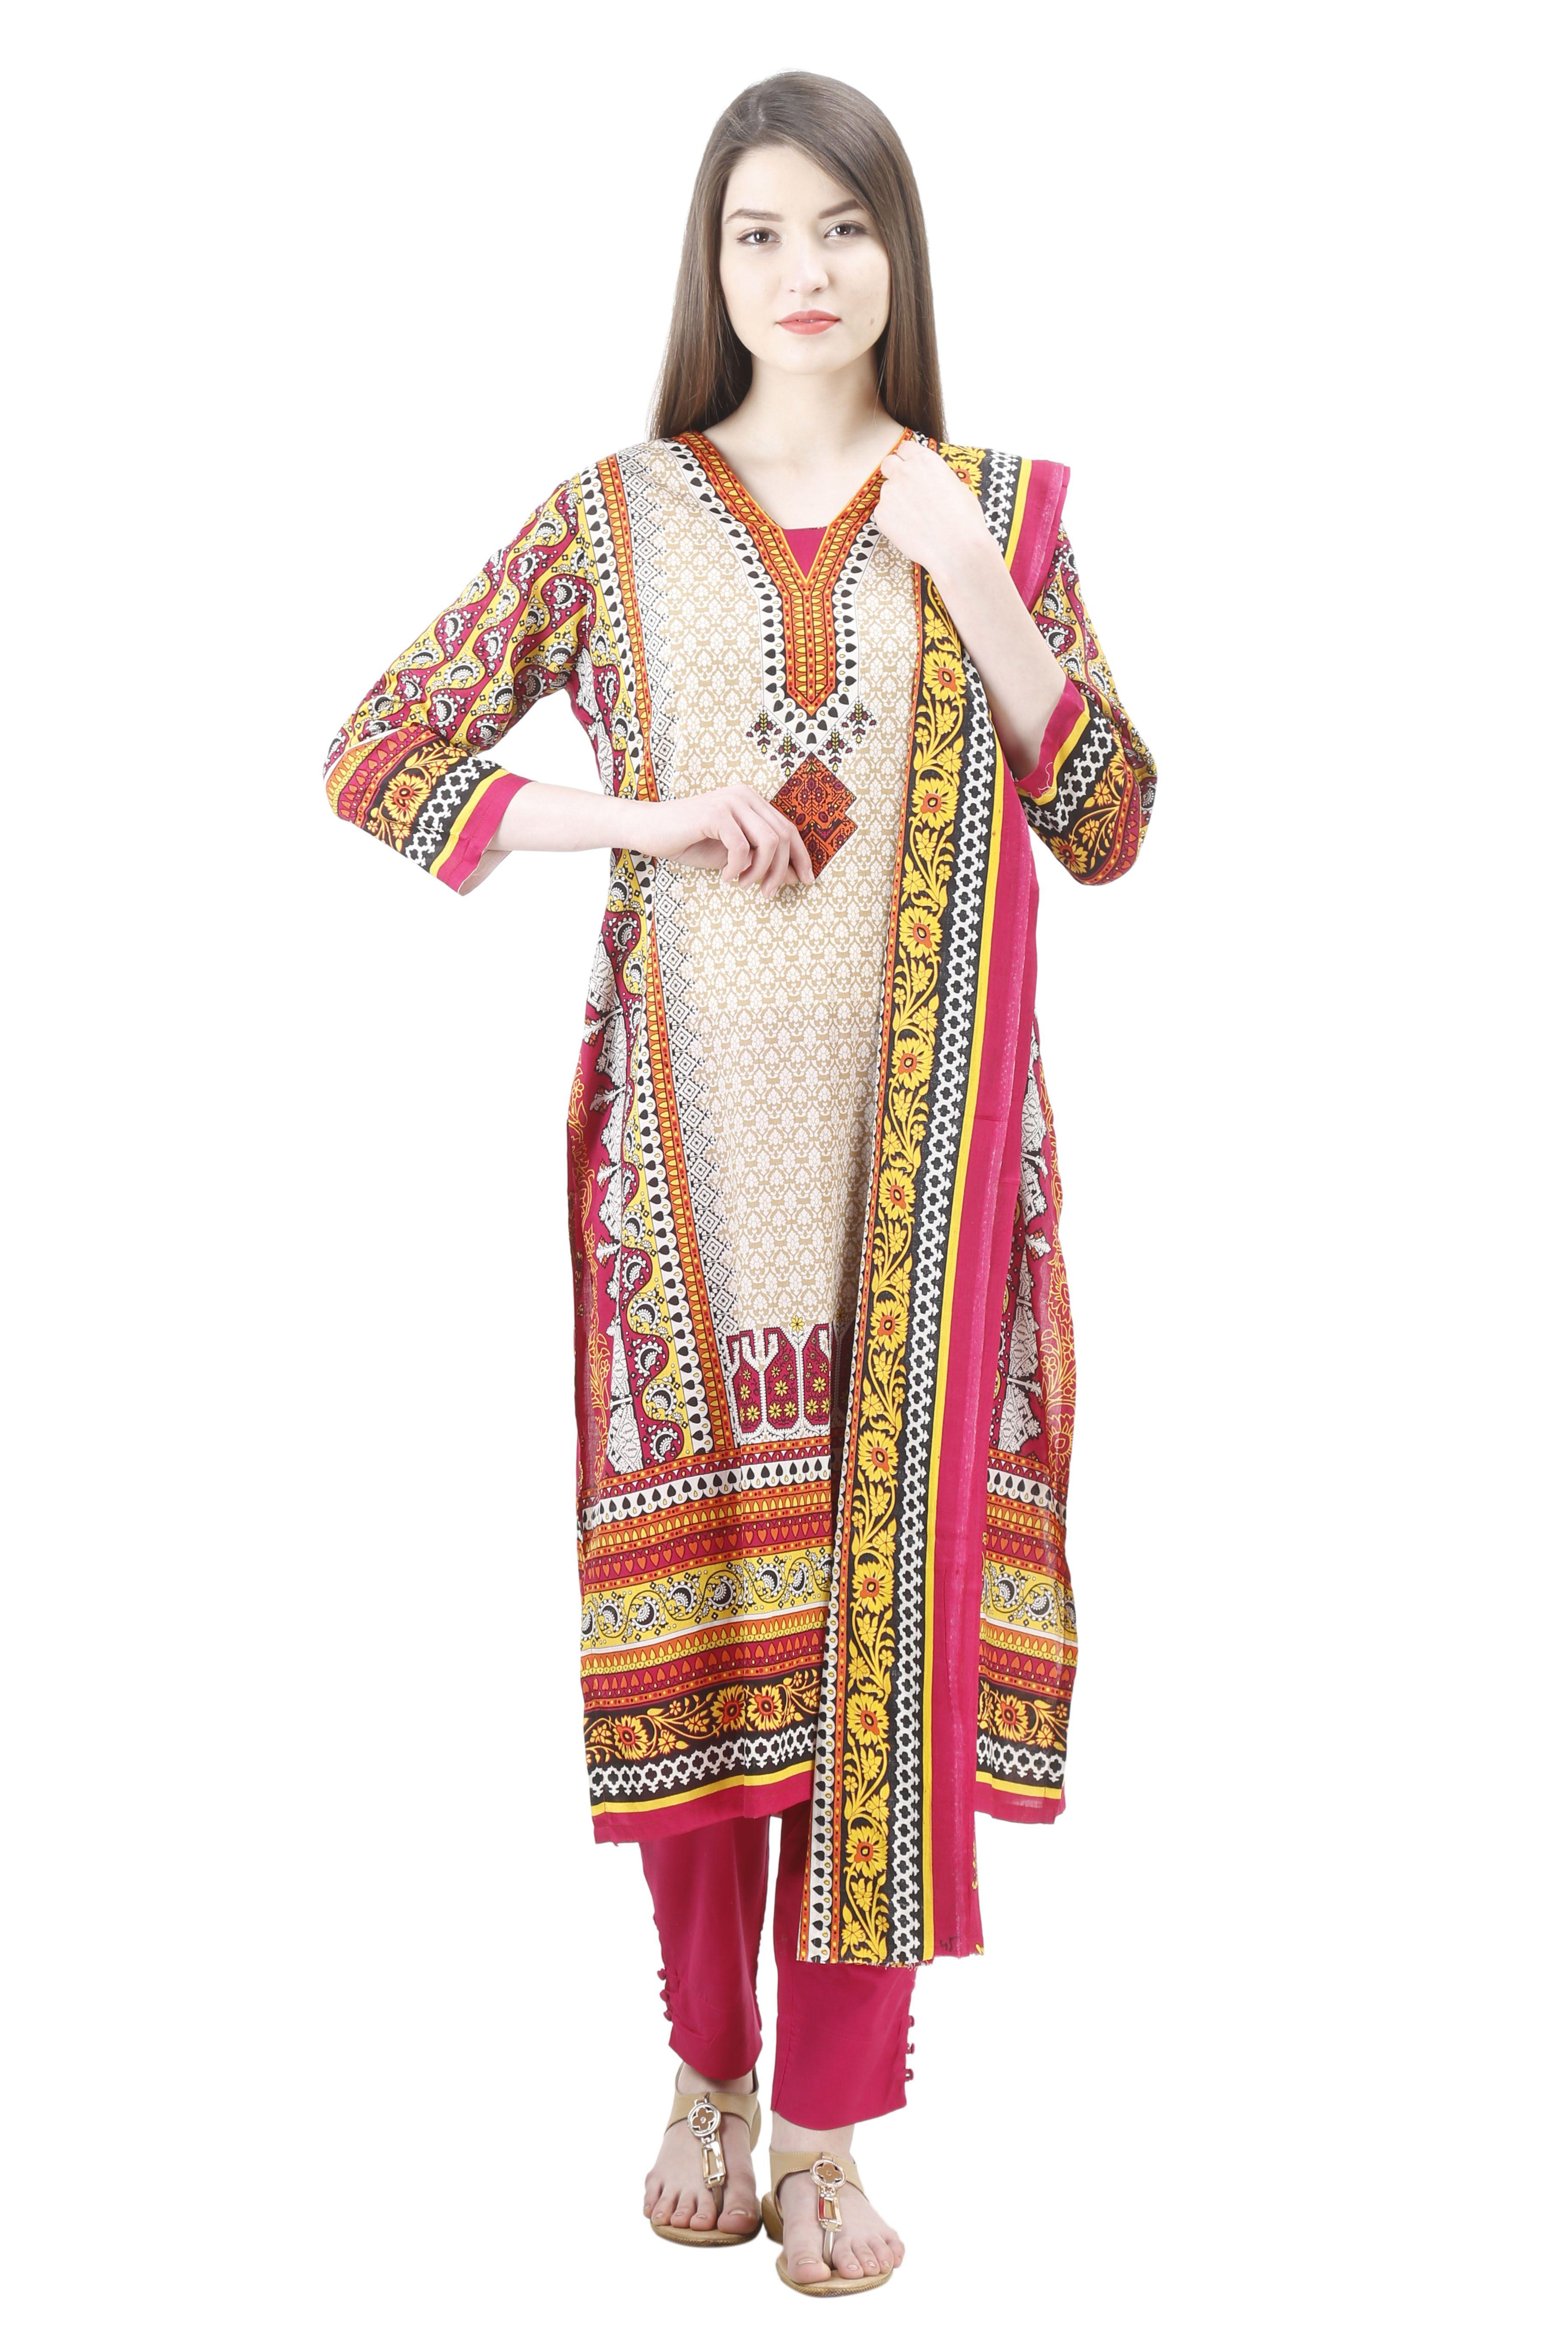 b22c8d0cc4 uptown women's stitched 100% pakistani printed lawn suit printed pakistani  cotton lawn suit the suit set has kurta , cigarette pants and dupatta